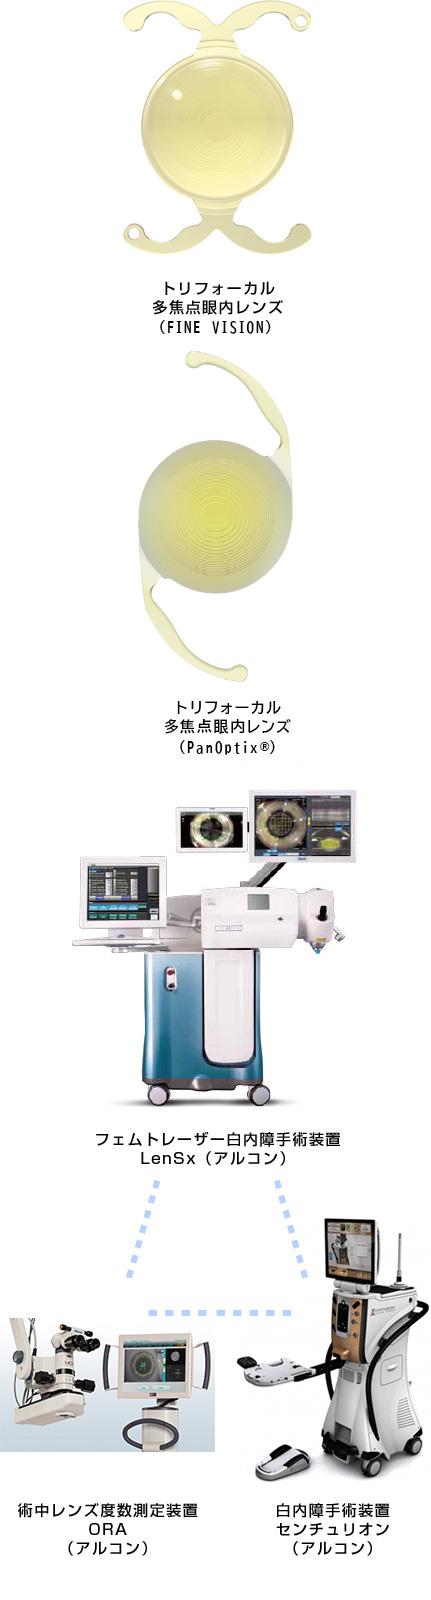 トリフォーカル多焦点眼内レンズ Alcon LenSx®️ 術中レンズ度数測定装置ORA 白内障手術装置センチュリオン